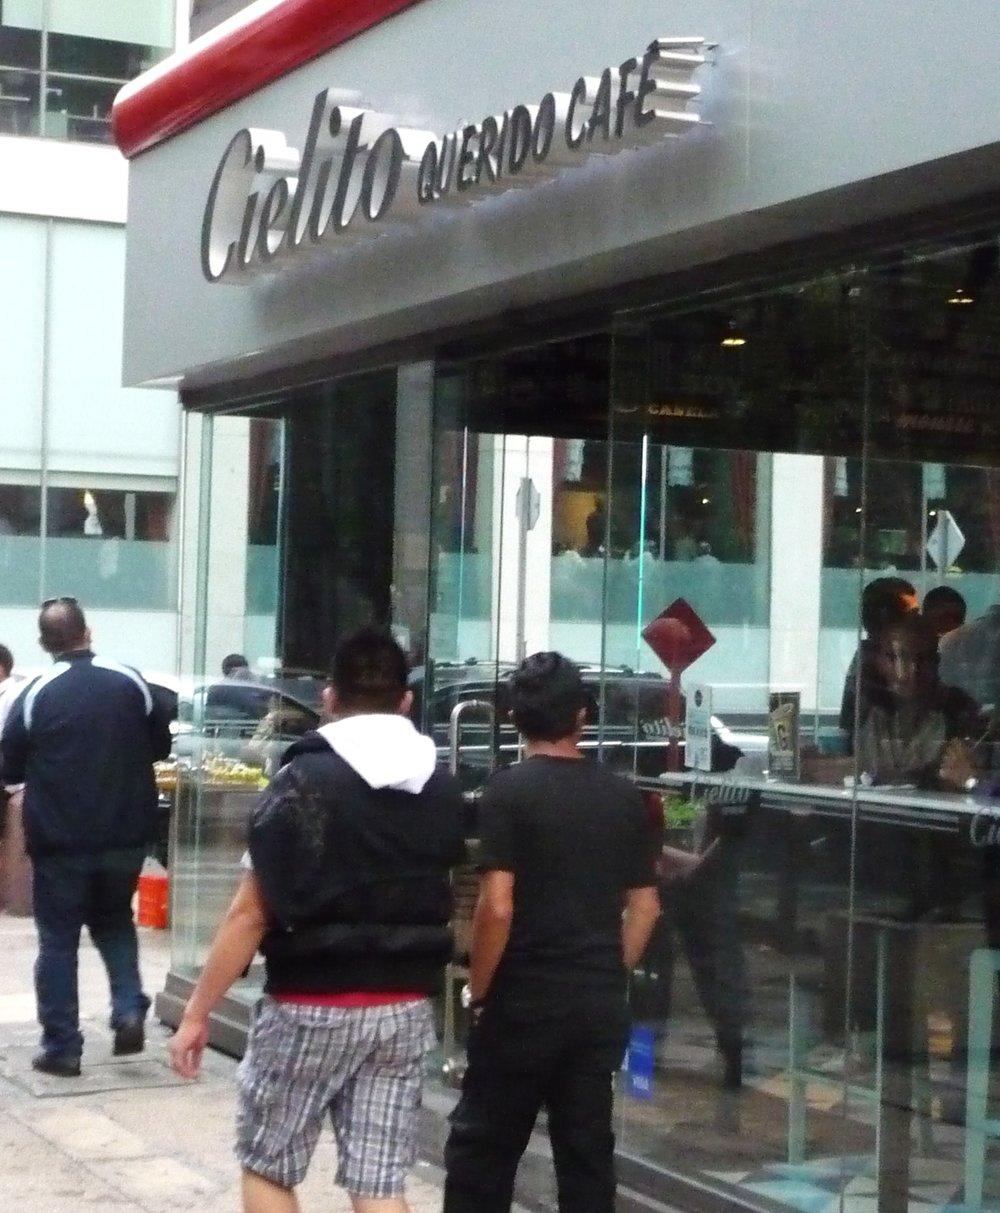 Cafe cielito